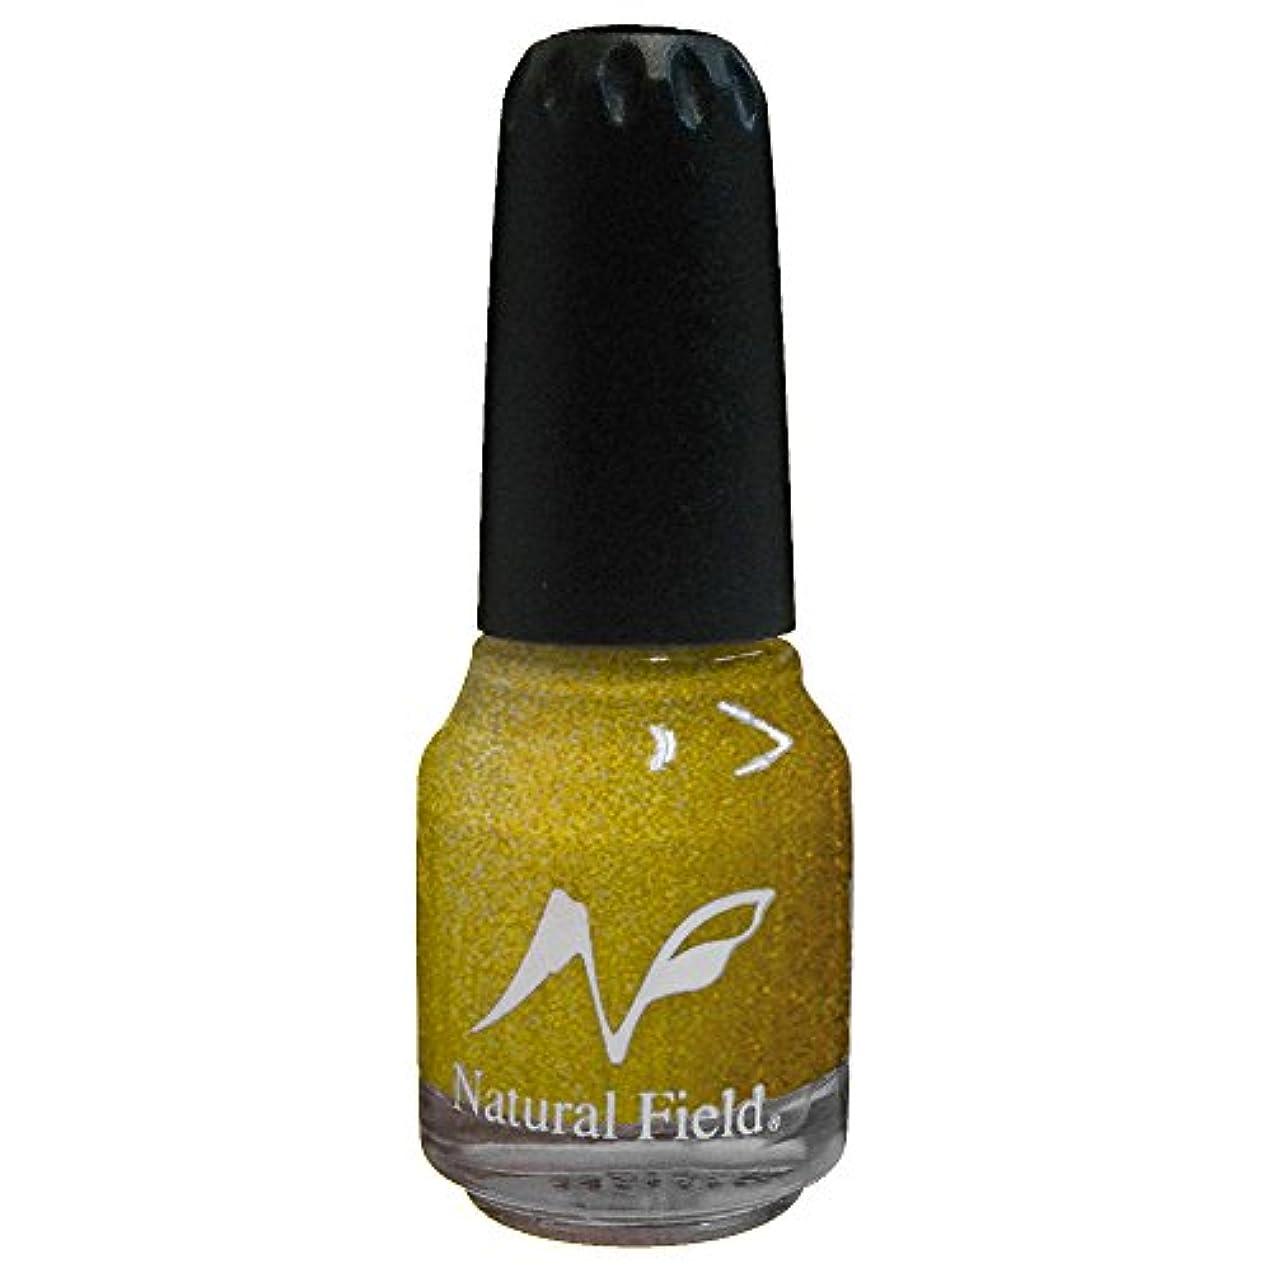 メイト囲い魅力的Natural Field ネイルポリッシュ メタリックカラー 2153 M19 12ml